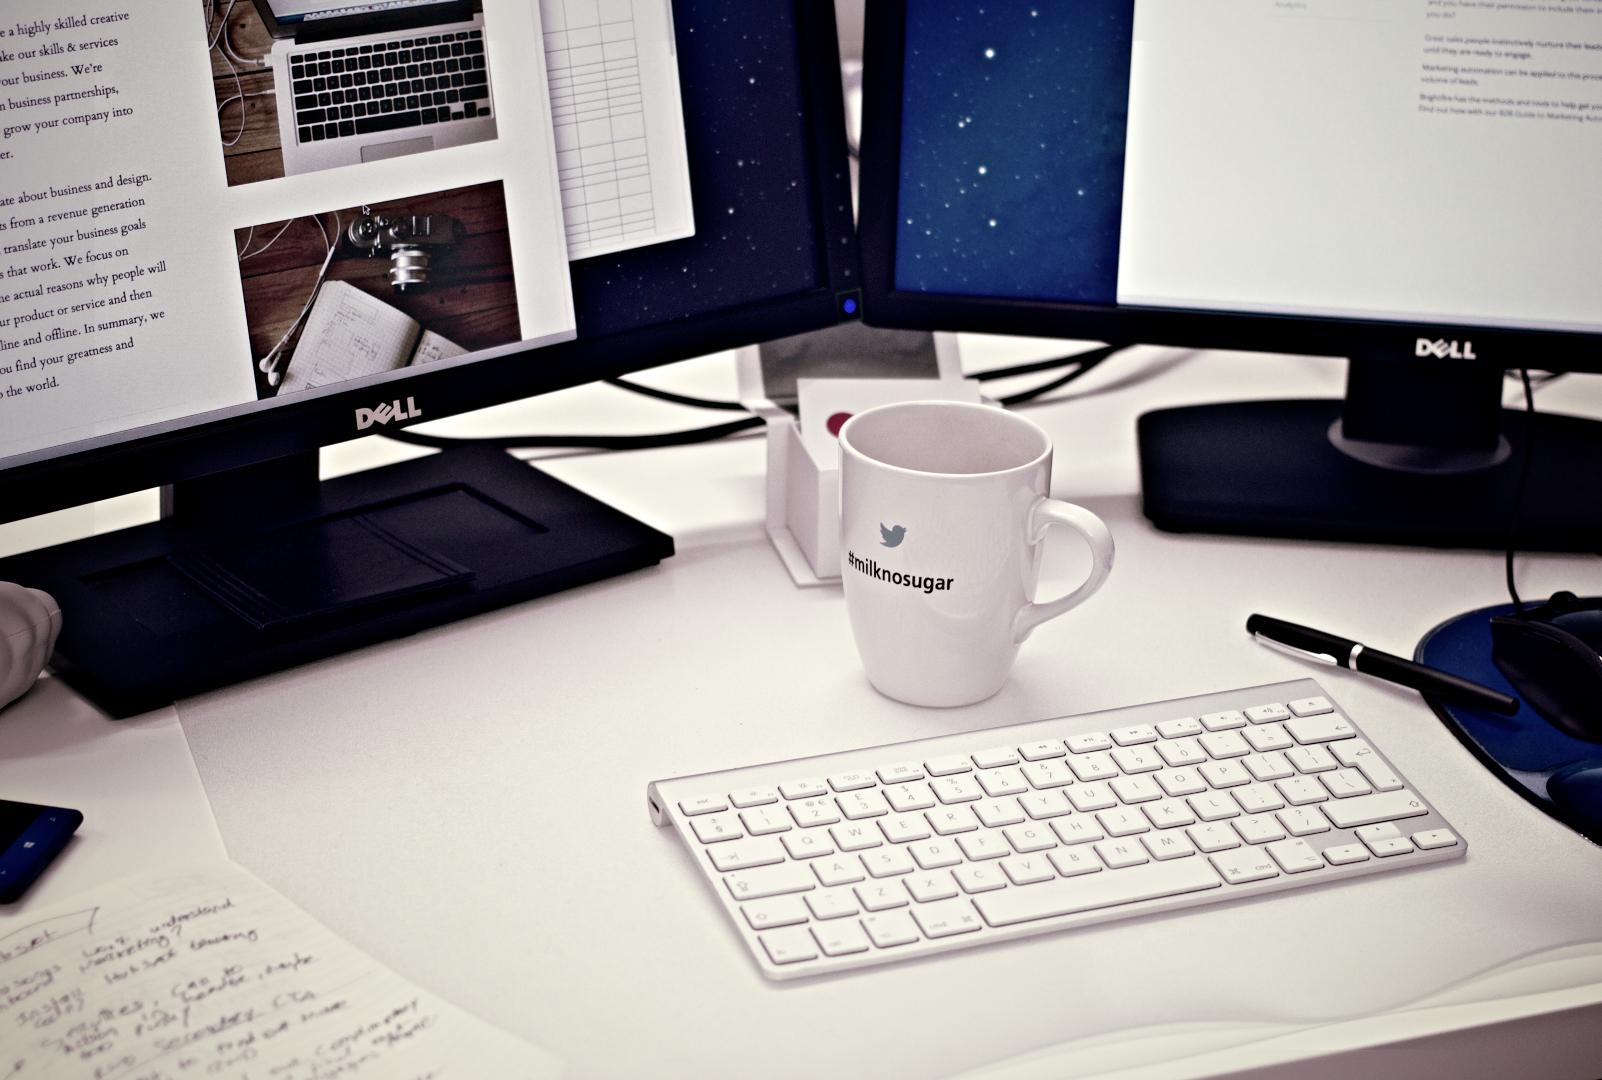 cup-dell-desk-4458-crop